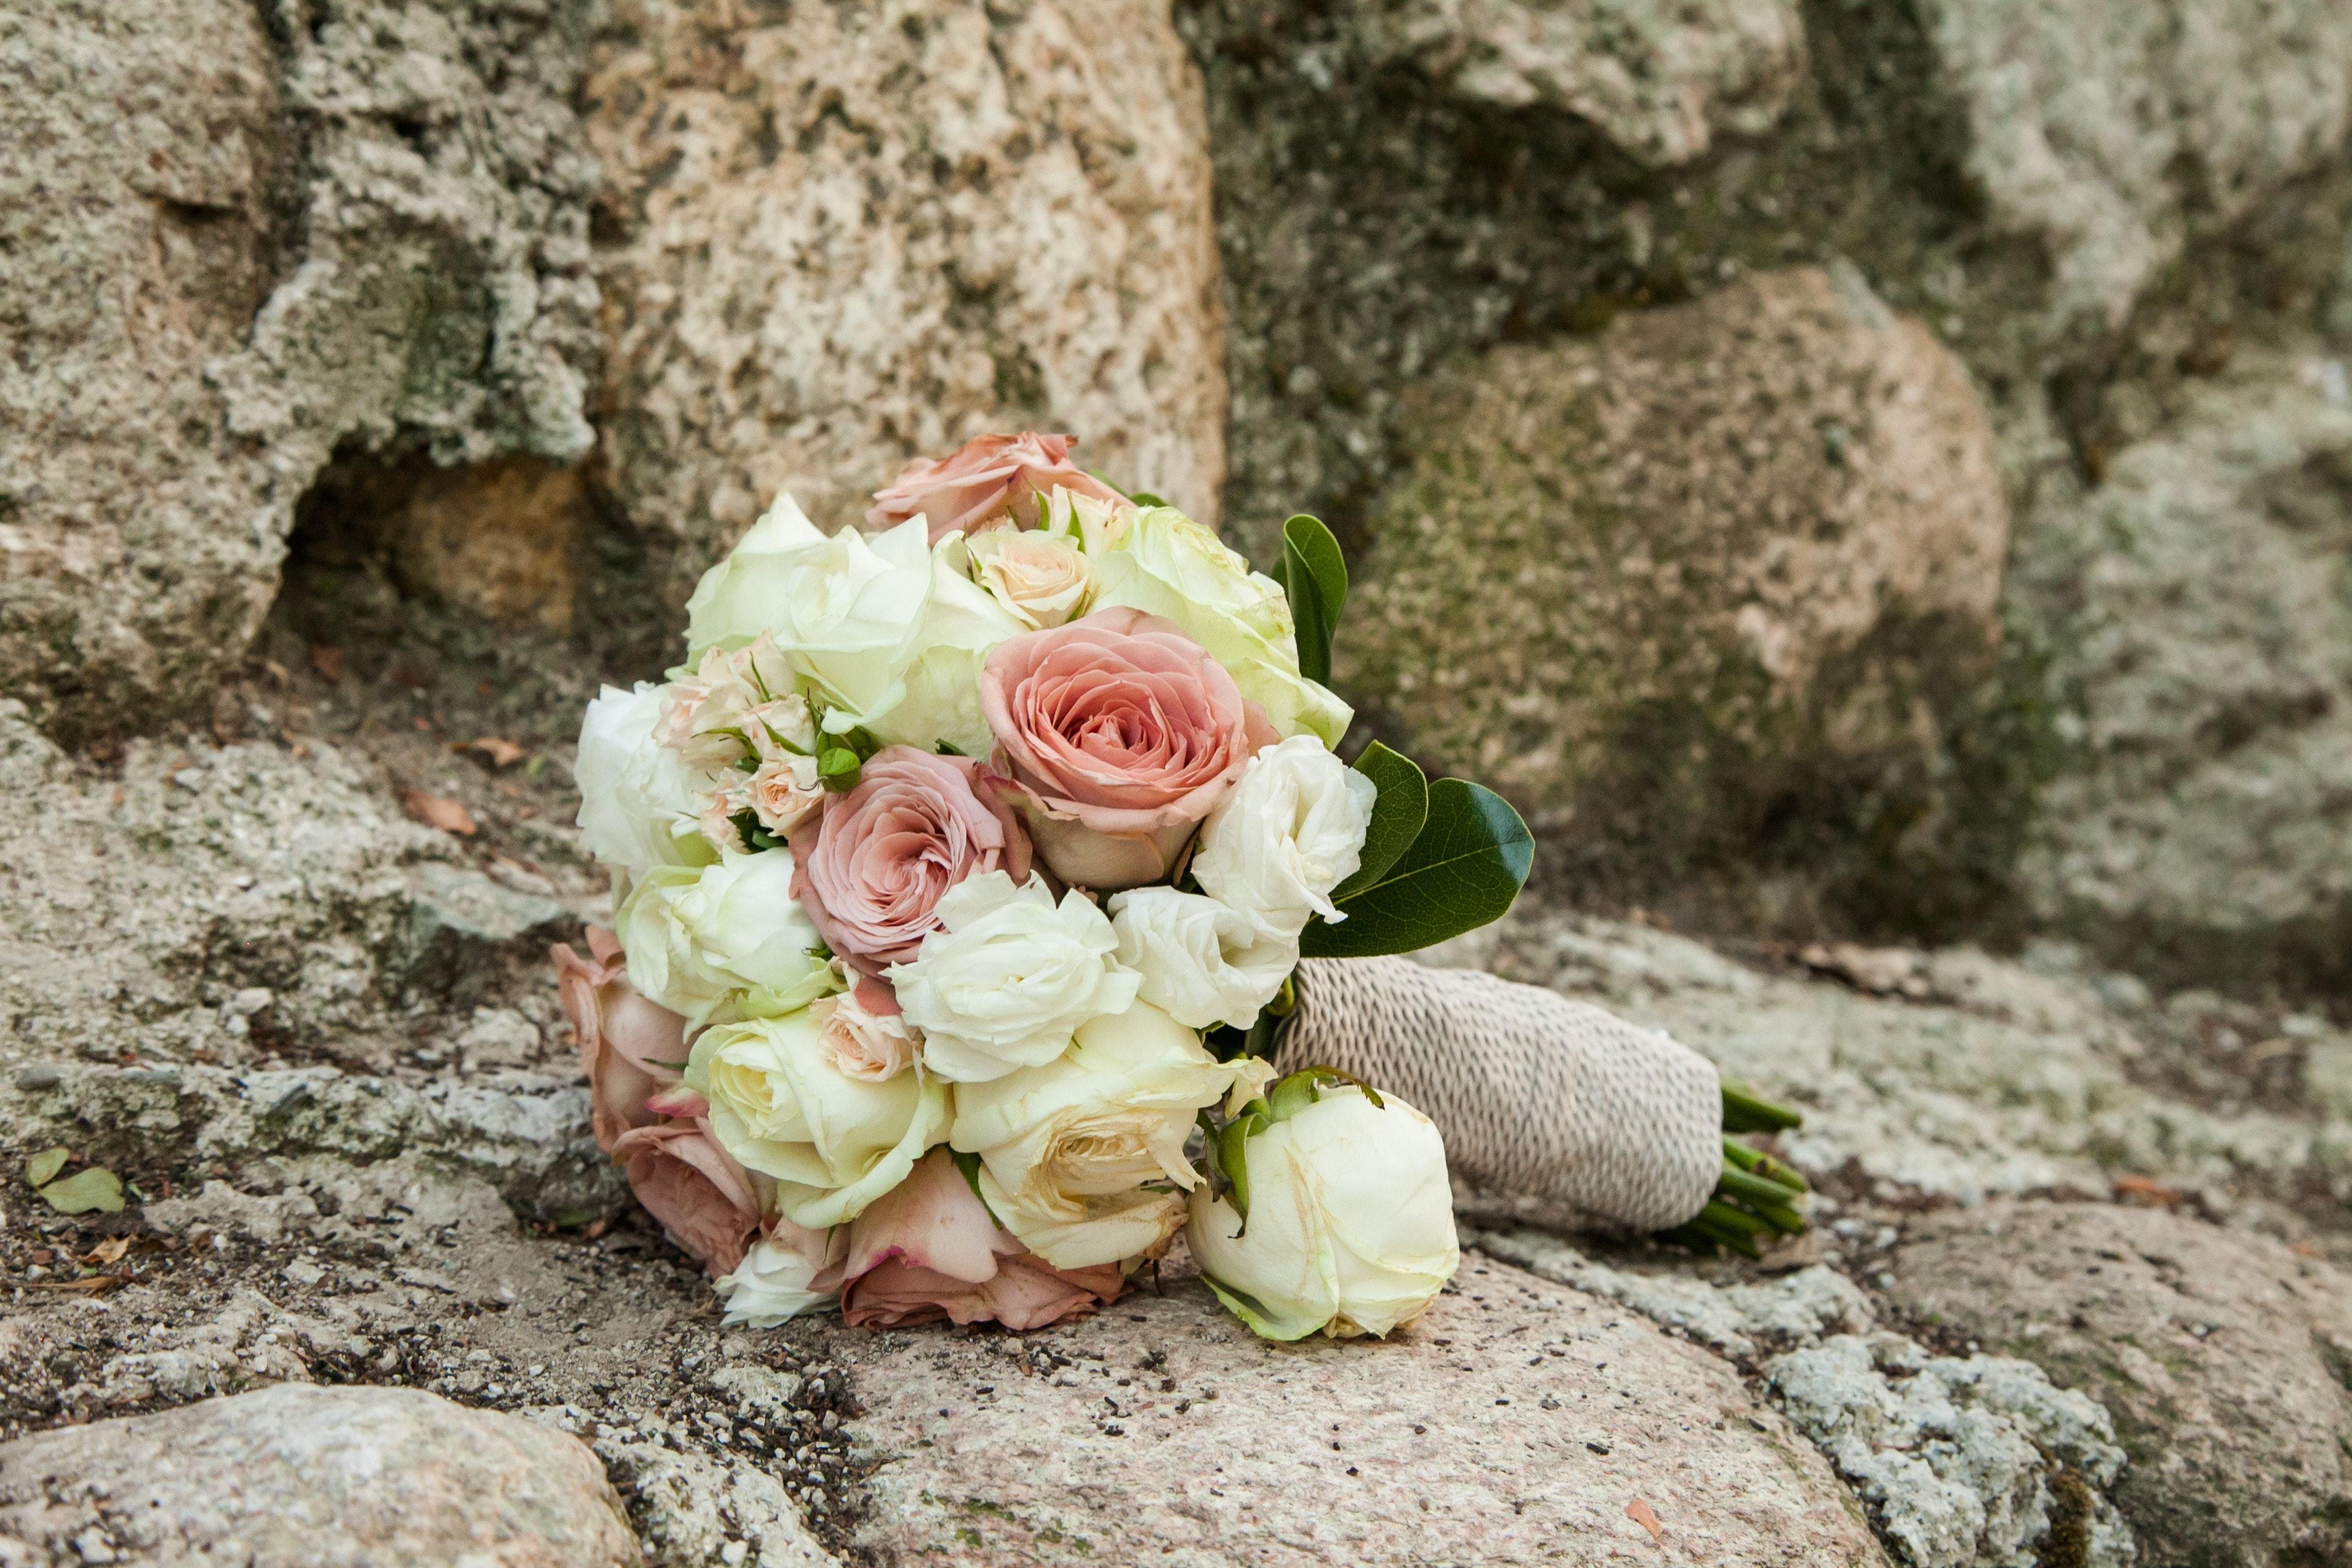 Bouquet Sposa Costo.Come Realizzare Un Bouquet Sposa Fai Da Te E Incantevole